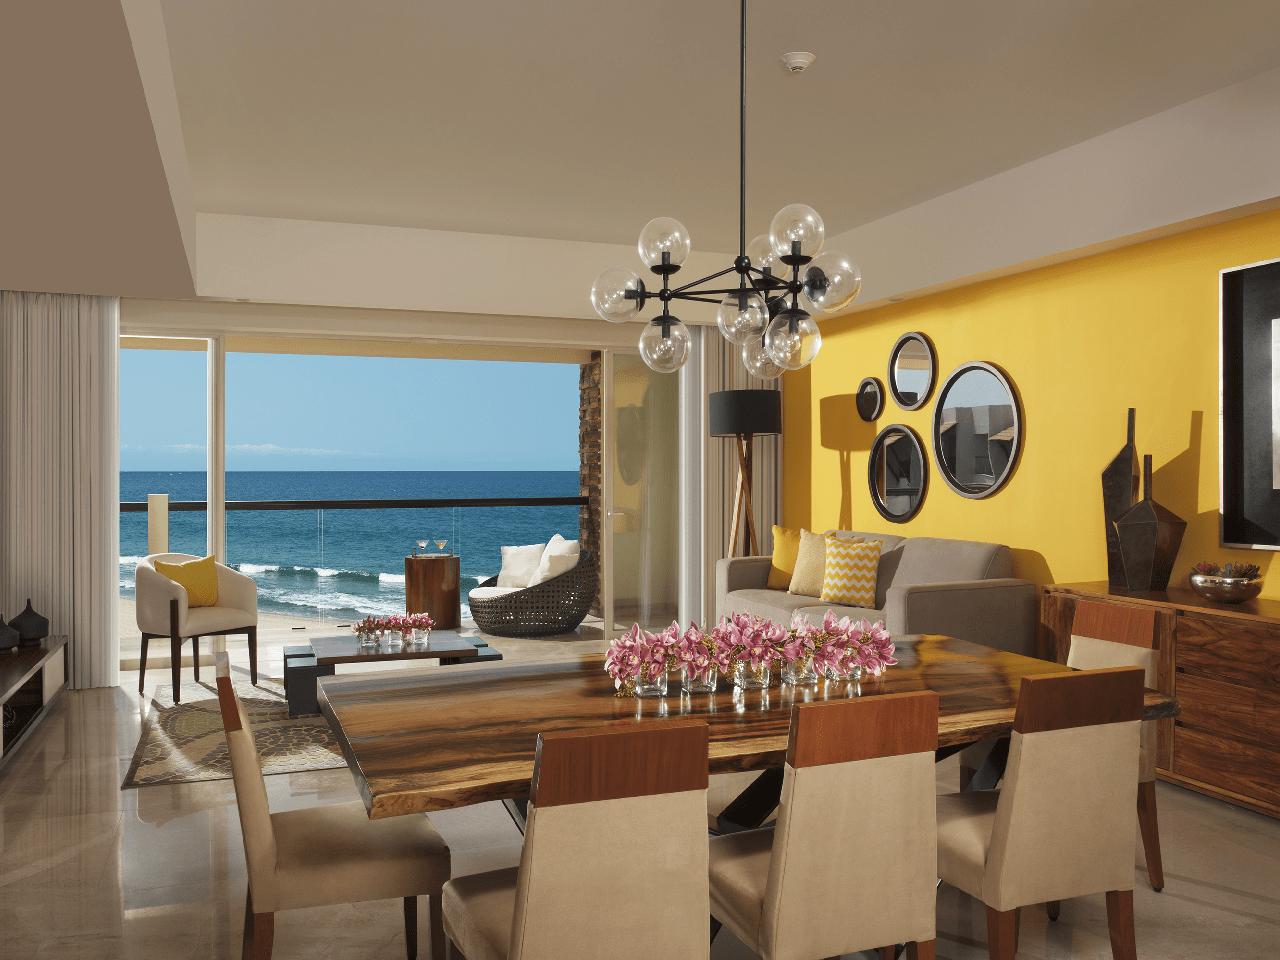 Bodas en la playa - cuarto hotel